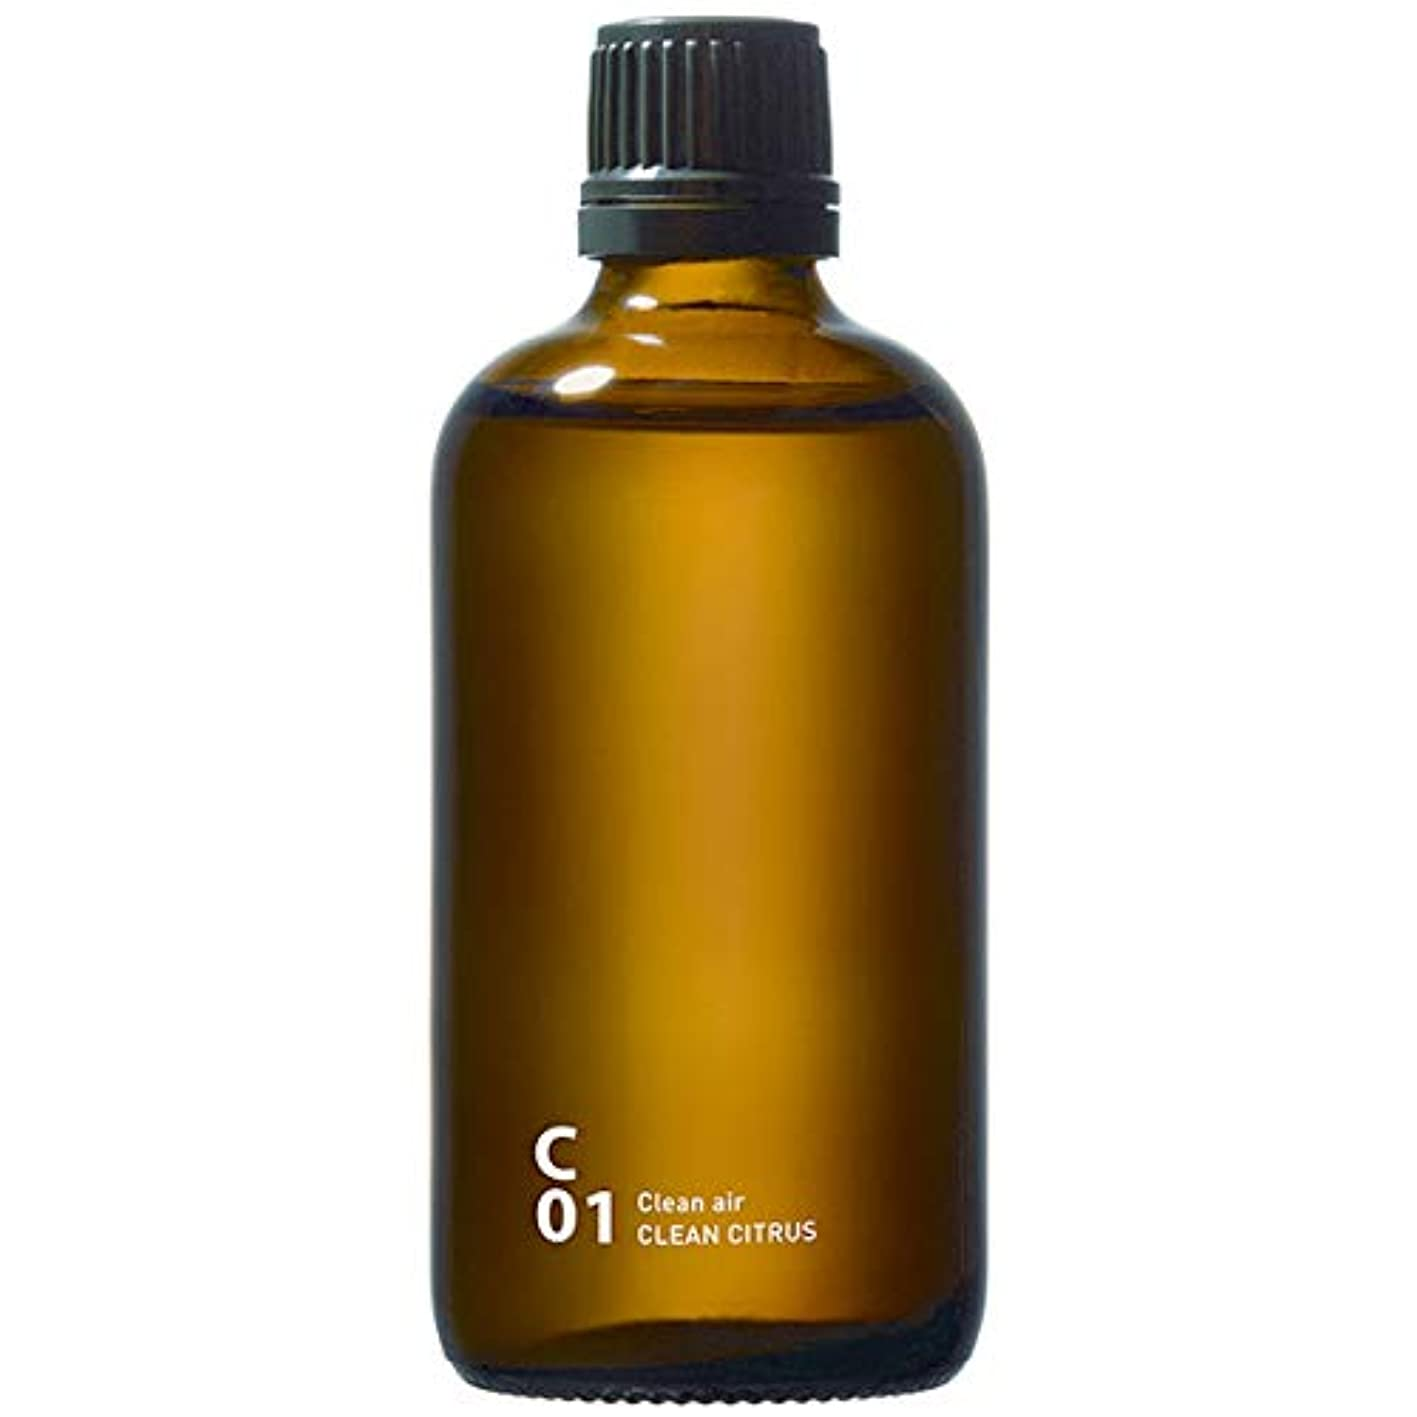 ヒューバートハドソン推進、動かすシェルC01 CLEAN CITRUS piezo aroma oil 100ml